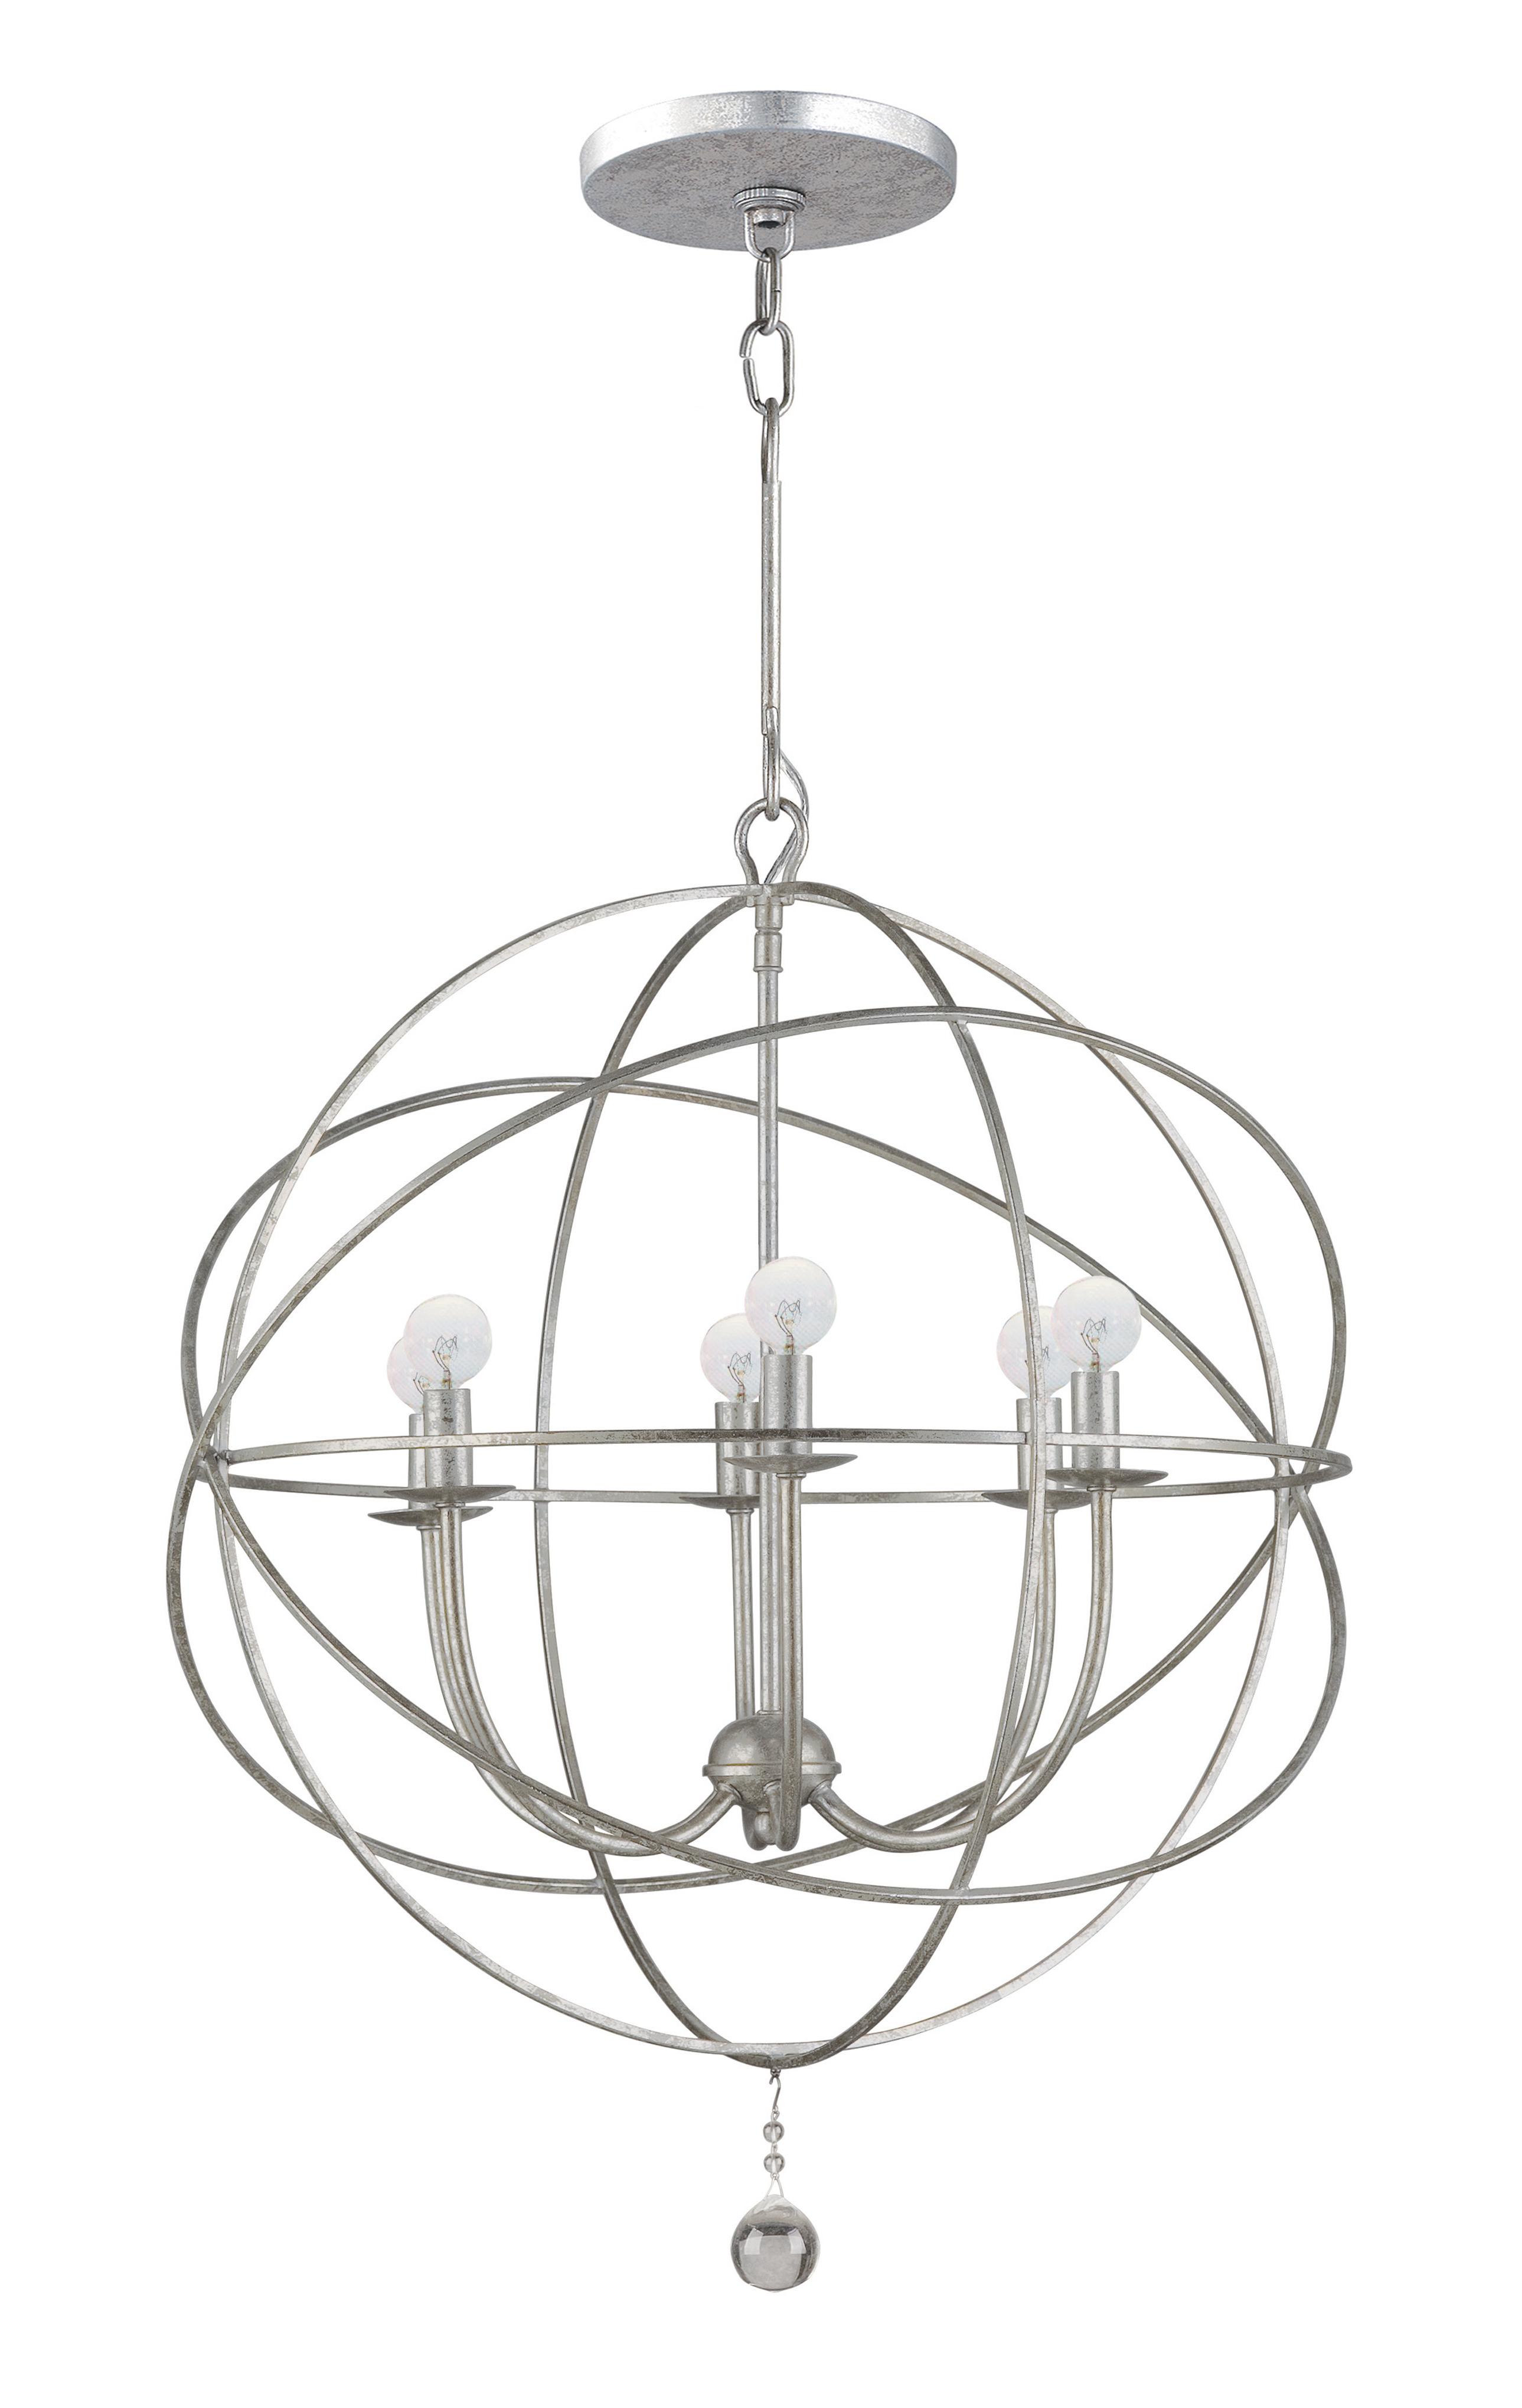 Gregoire 6 Light Globe Chandeliers With Regard To Newest Gregoire 6 Light Globe Chandelier (View 12 of 20)